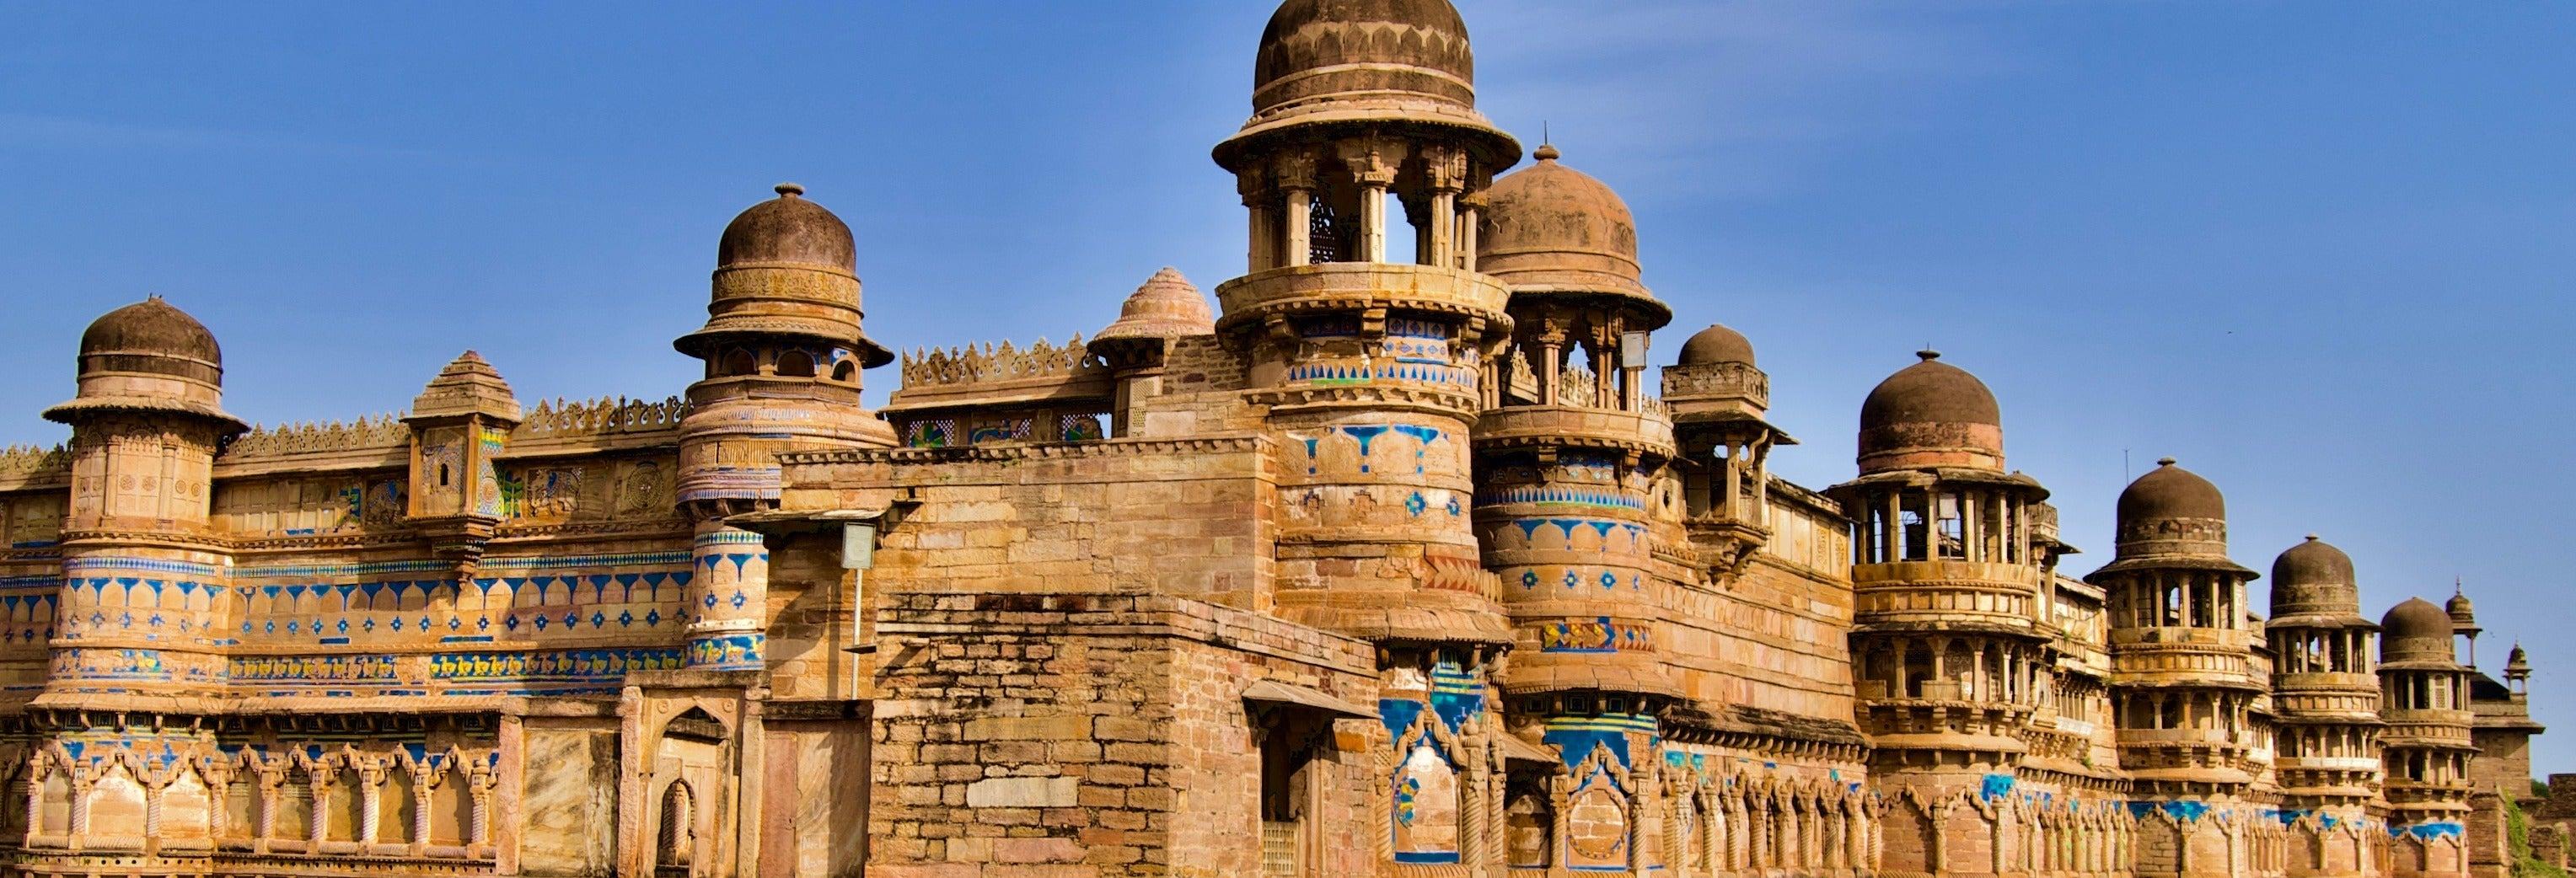 Excursión a Gwalior